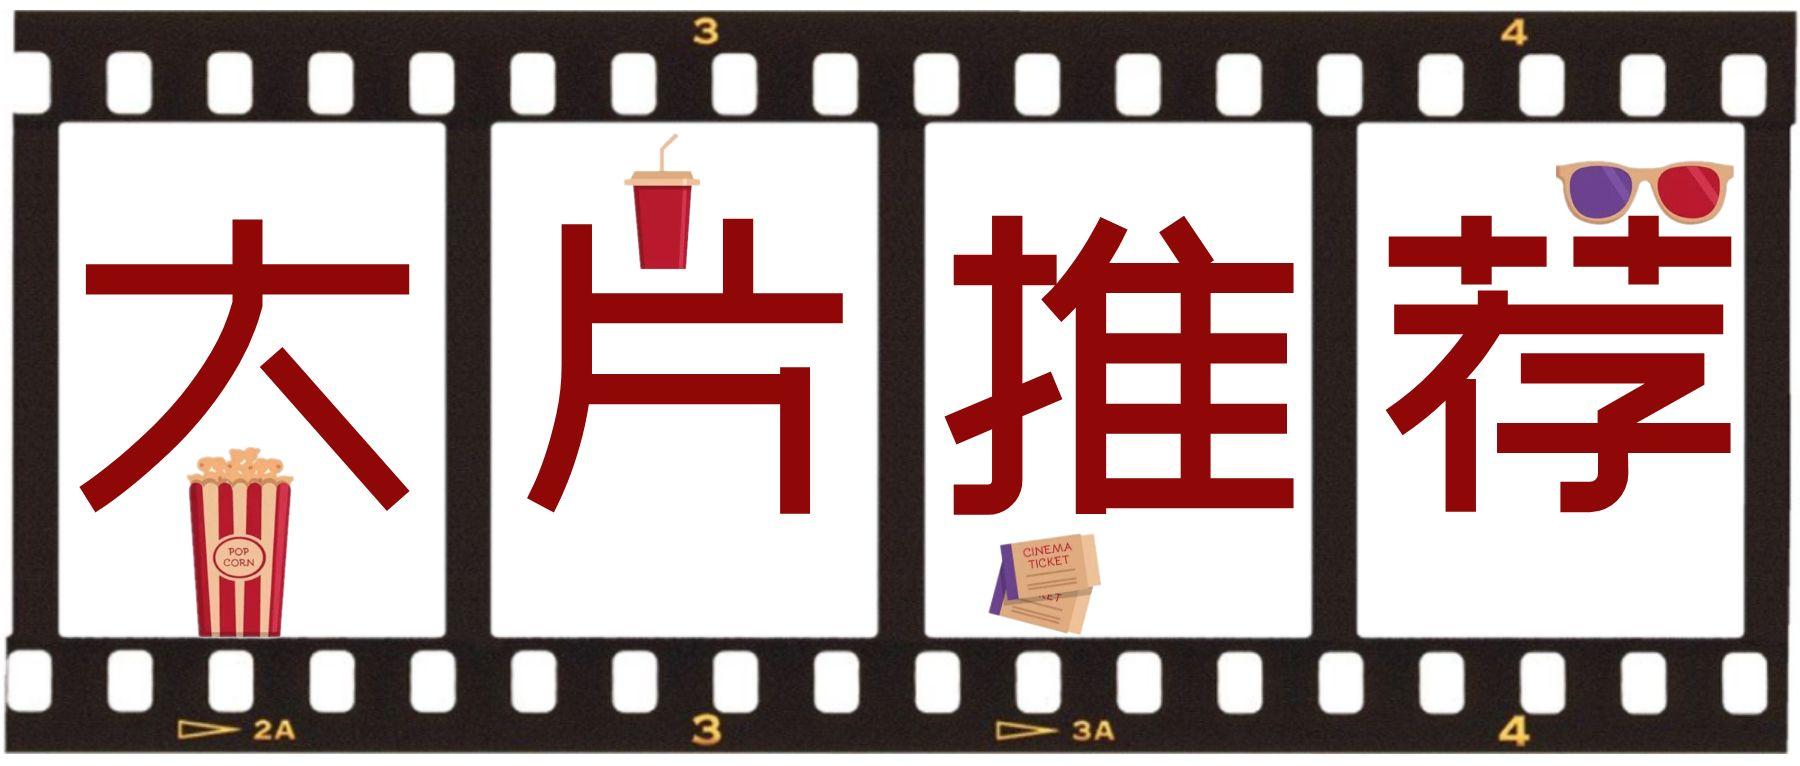 电影推荐送票福利话题互动卡通简约通用微信公众号封面头图